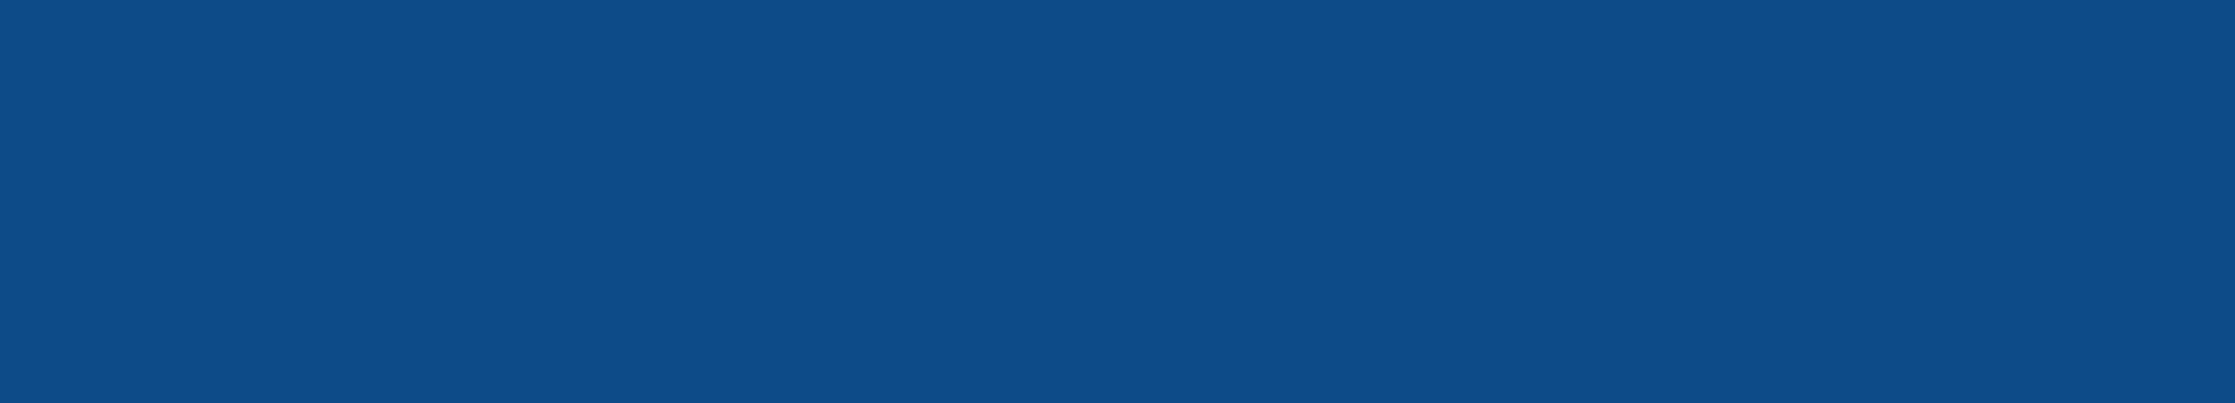 펄어비스 로고(펄어비스 제공)